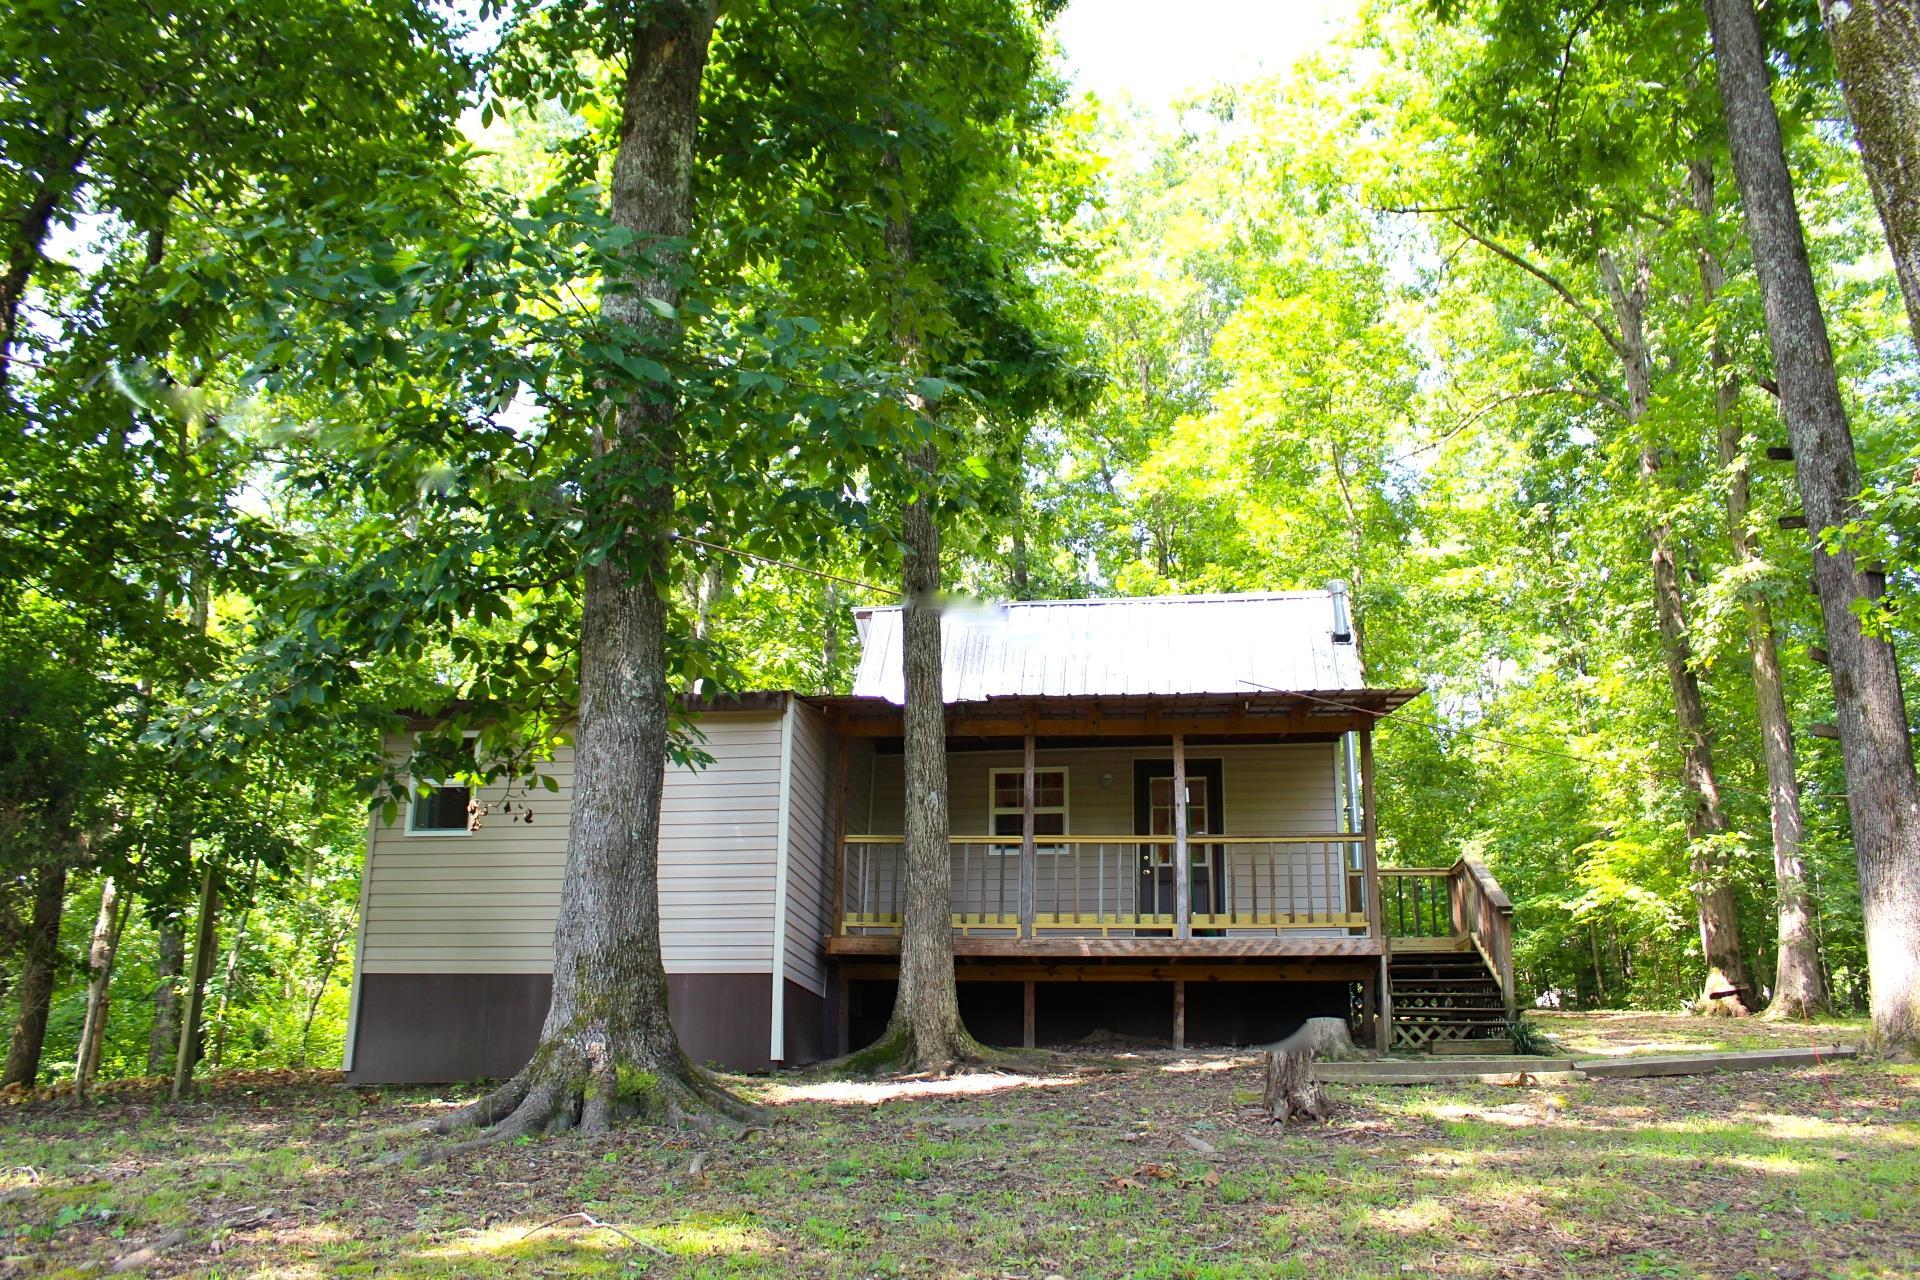 Bear Creek Estates Sec 1 Real Estate Listings Main Image